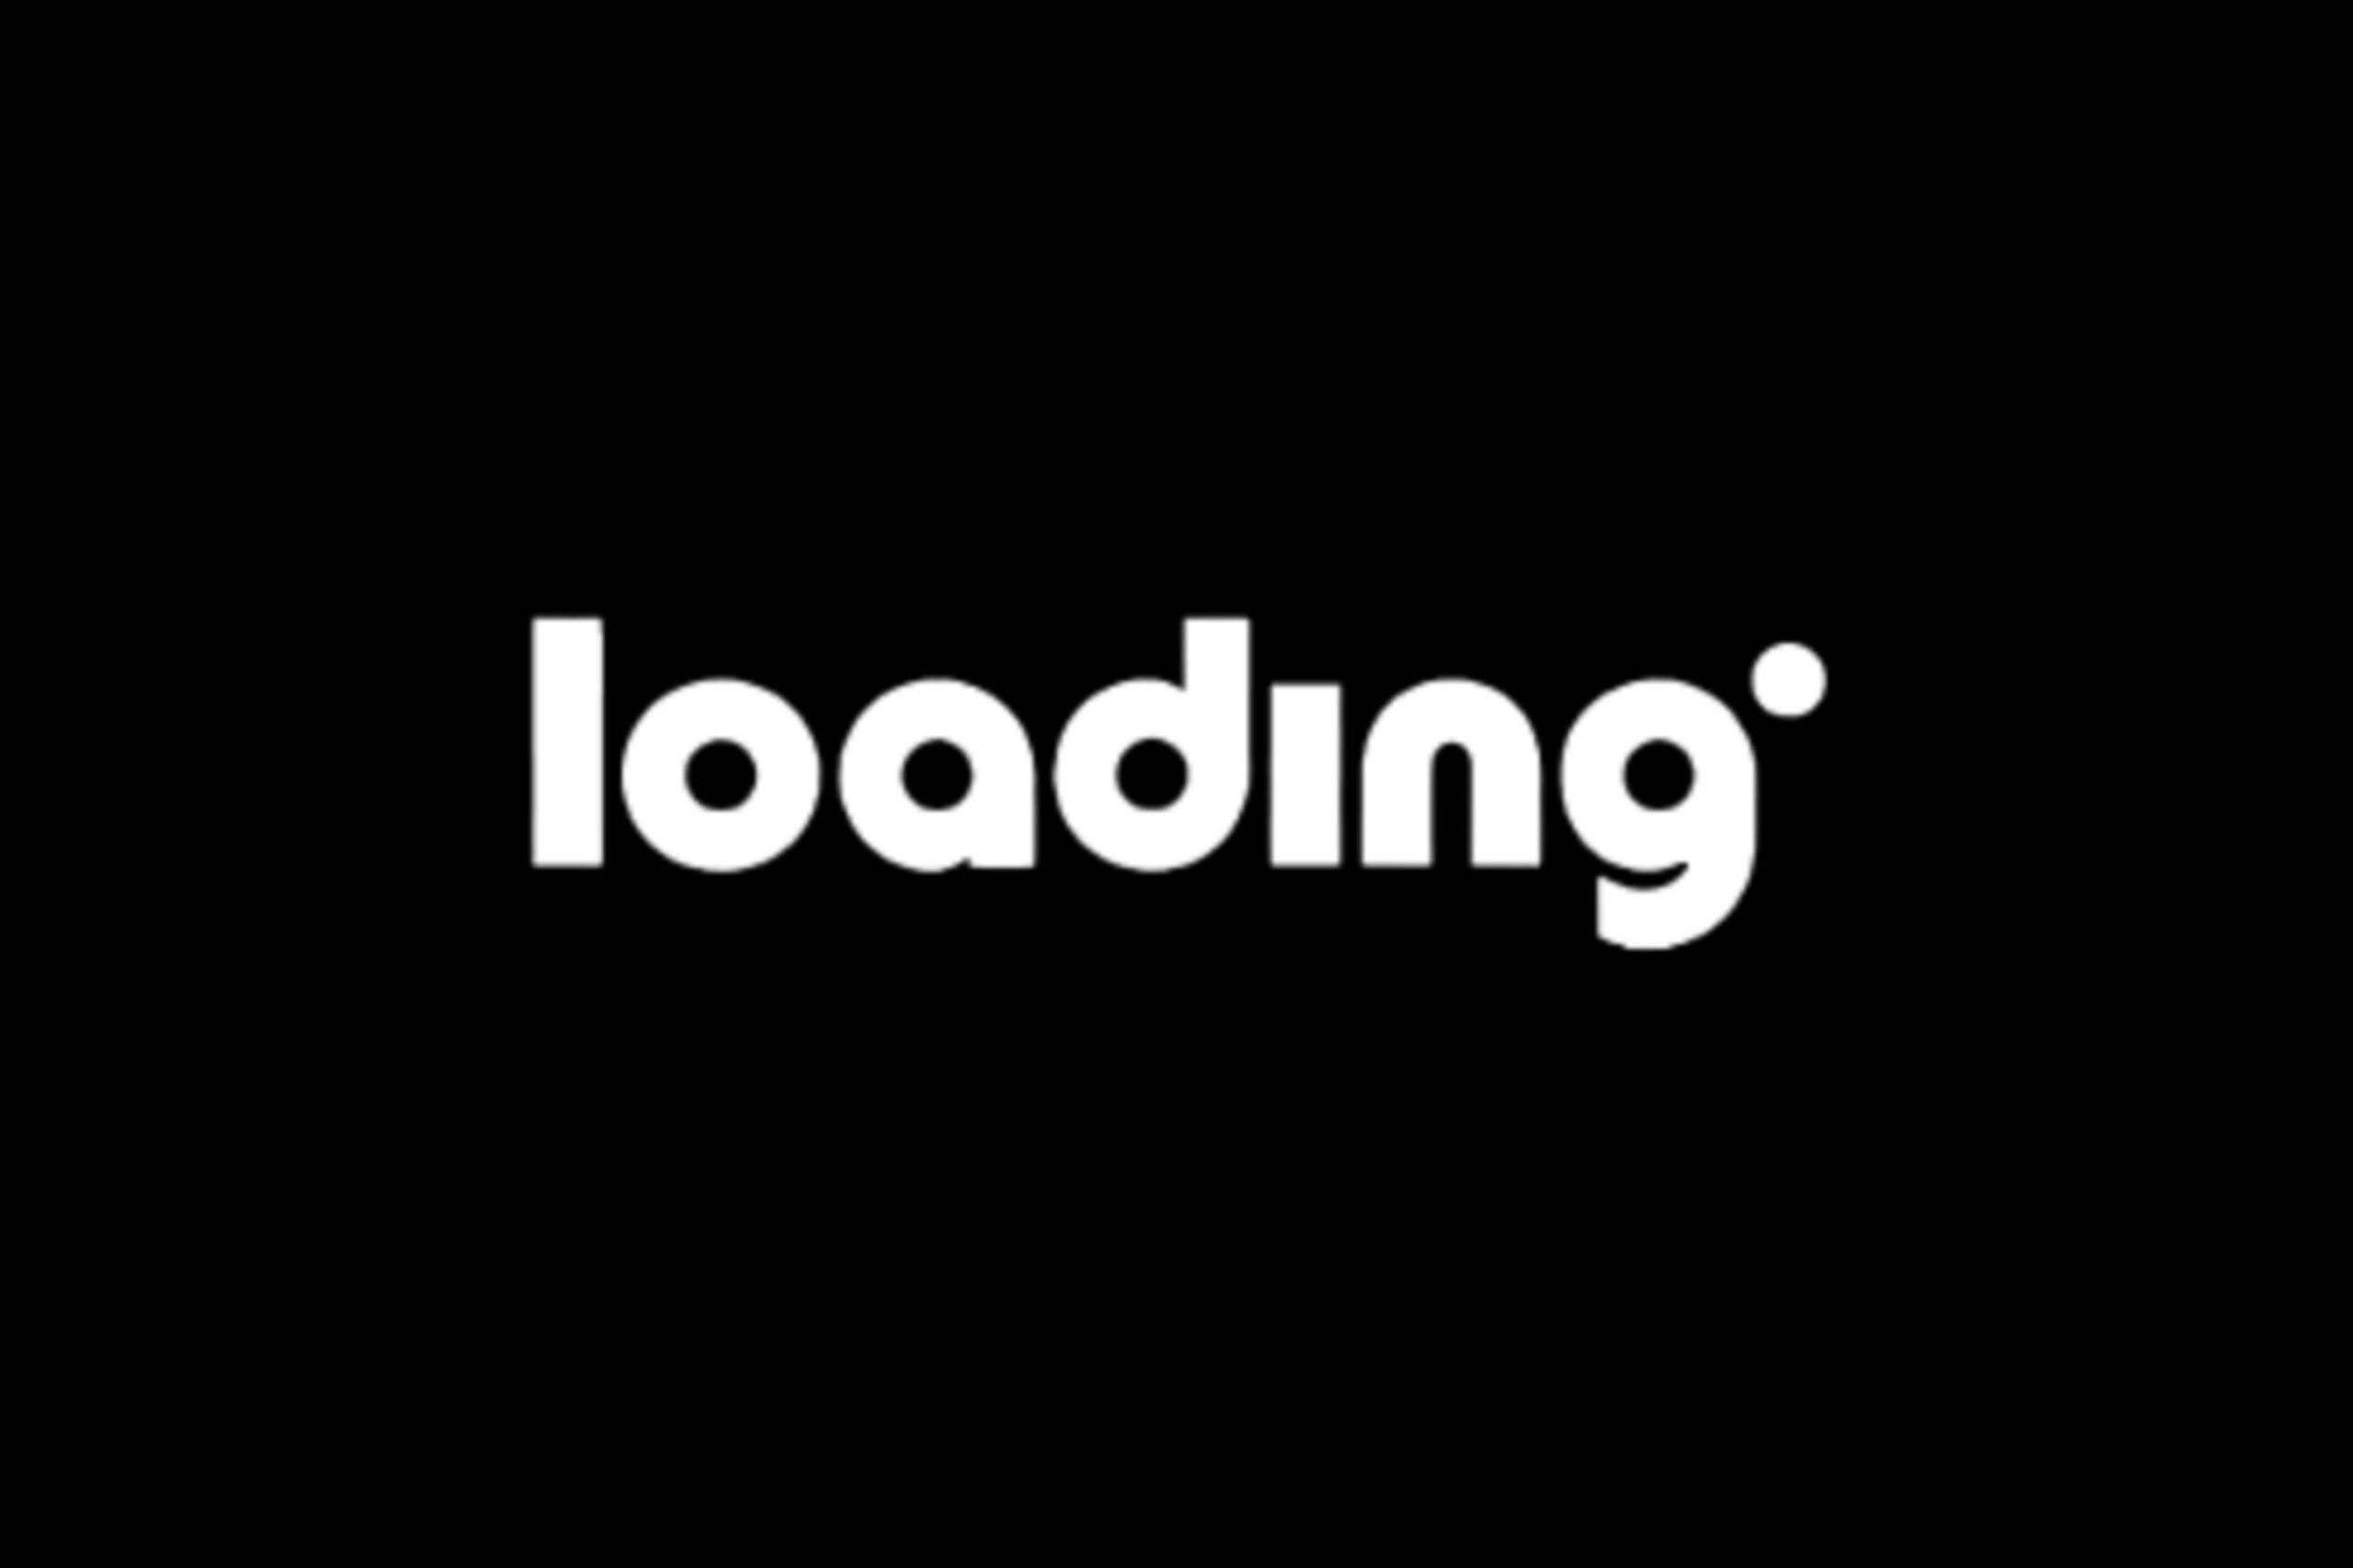 Precisamos falar seriamente sobre a Loading.